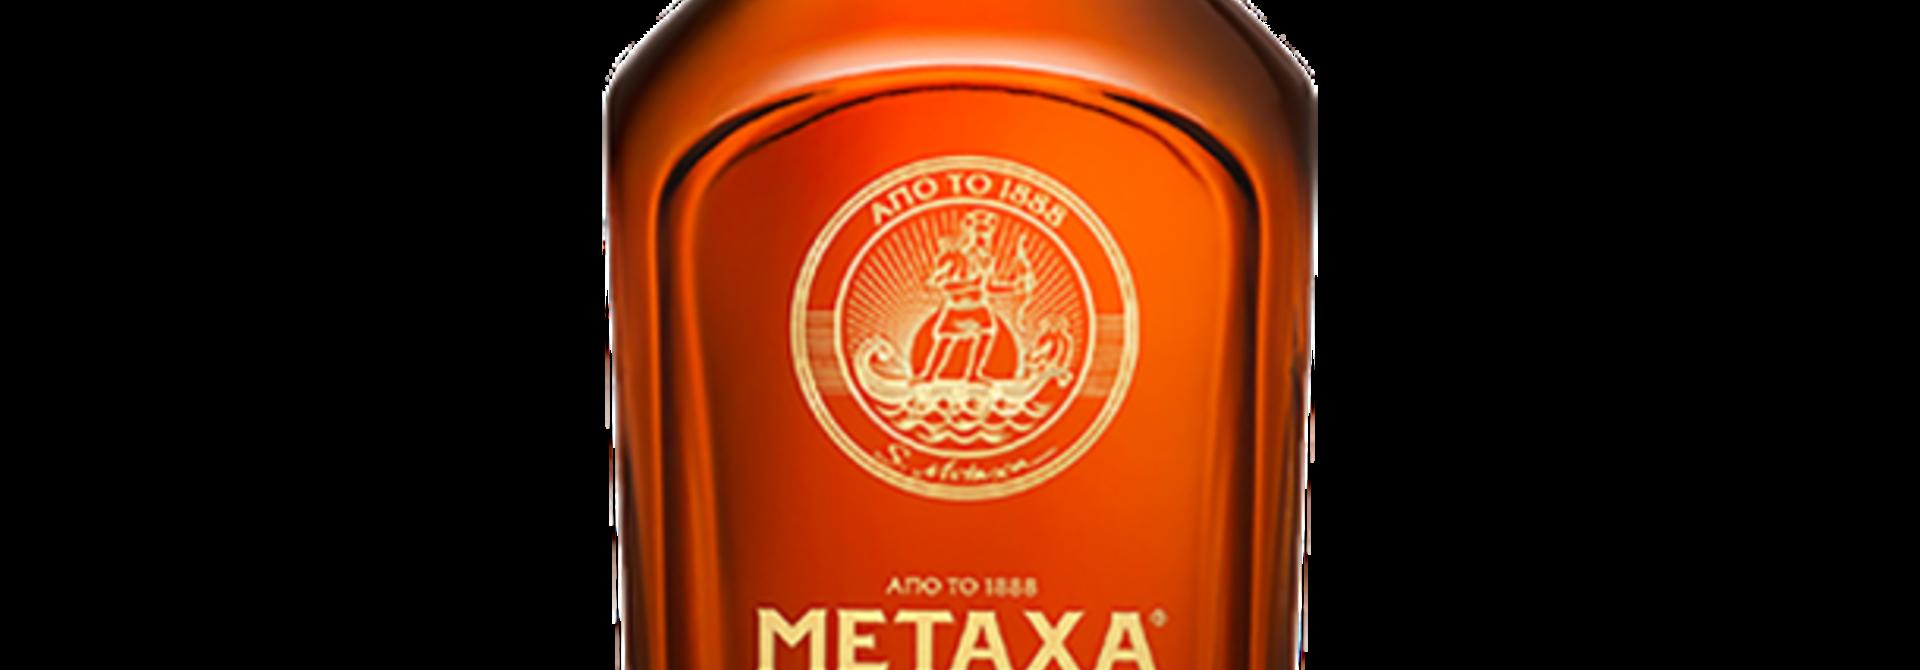 METAXA Brandy 12 Star 0.7ltr